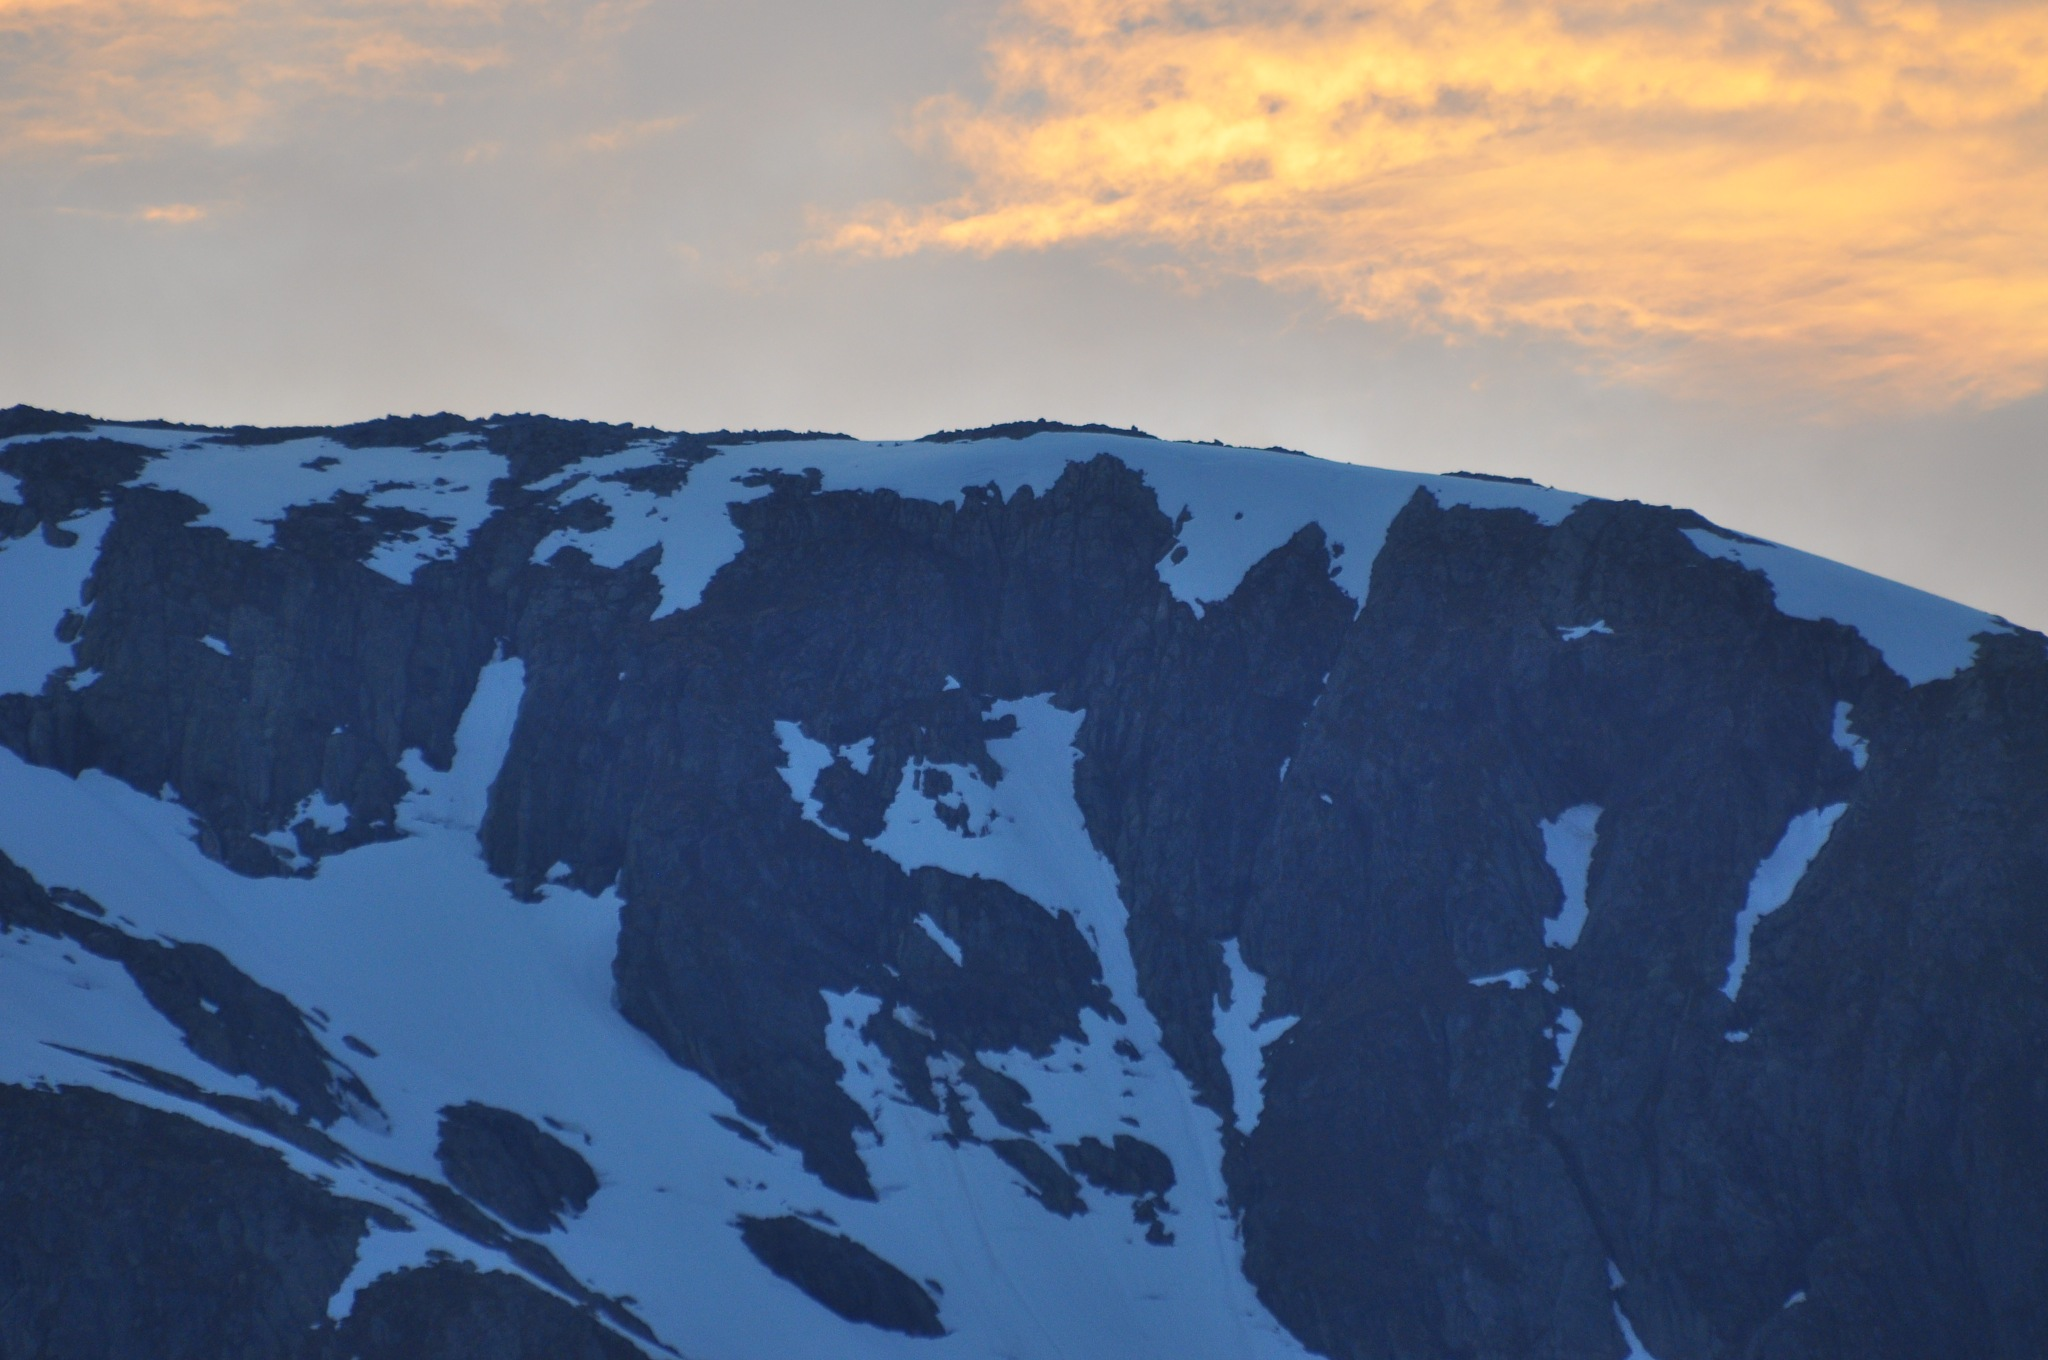 Sunset behind the glacier by Dag Olav Øverland